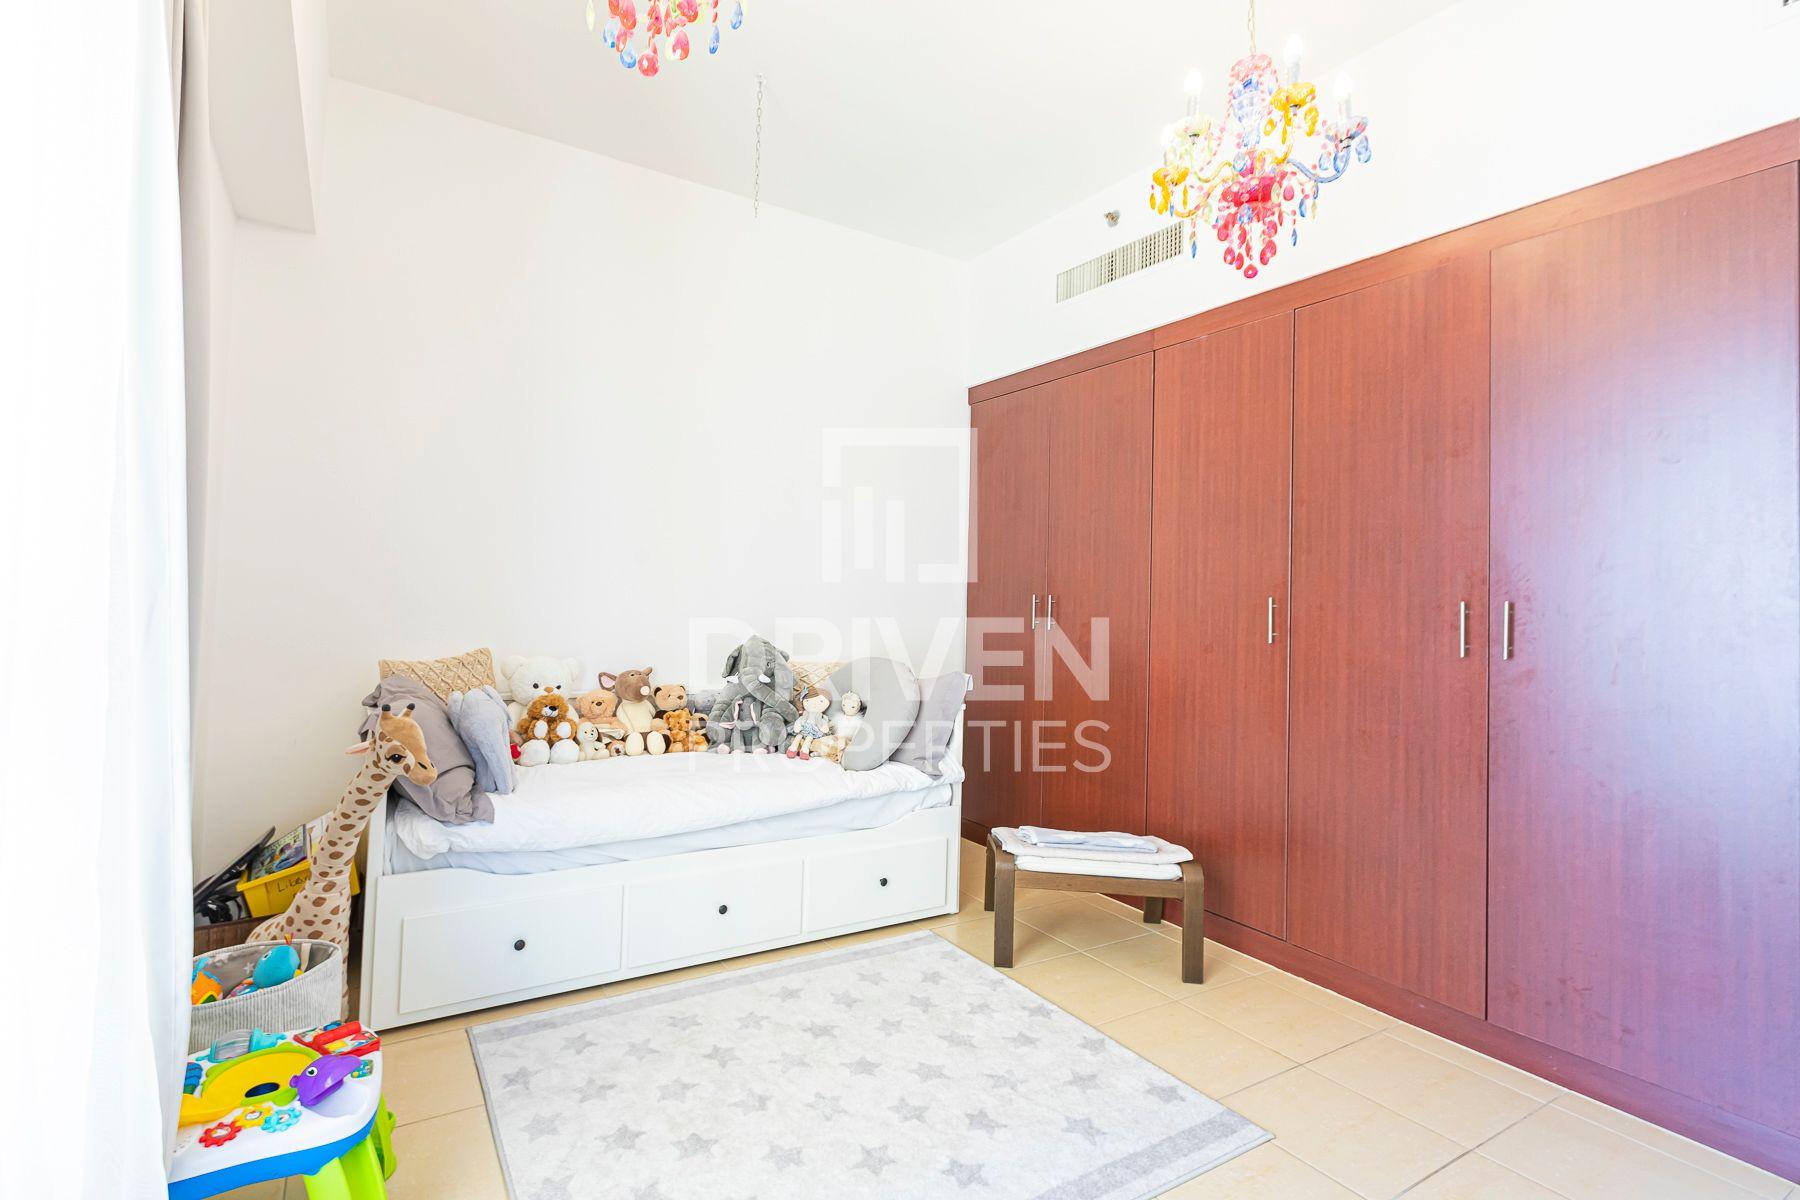 للايجار - شقة - رمال 3 - مساكن شاطئ الجميرا